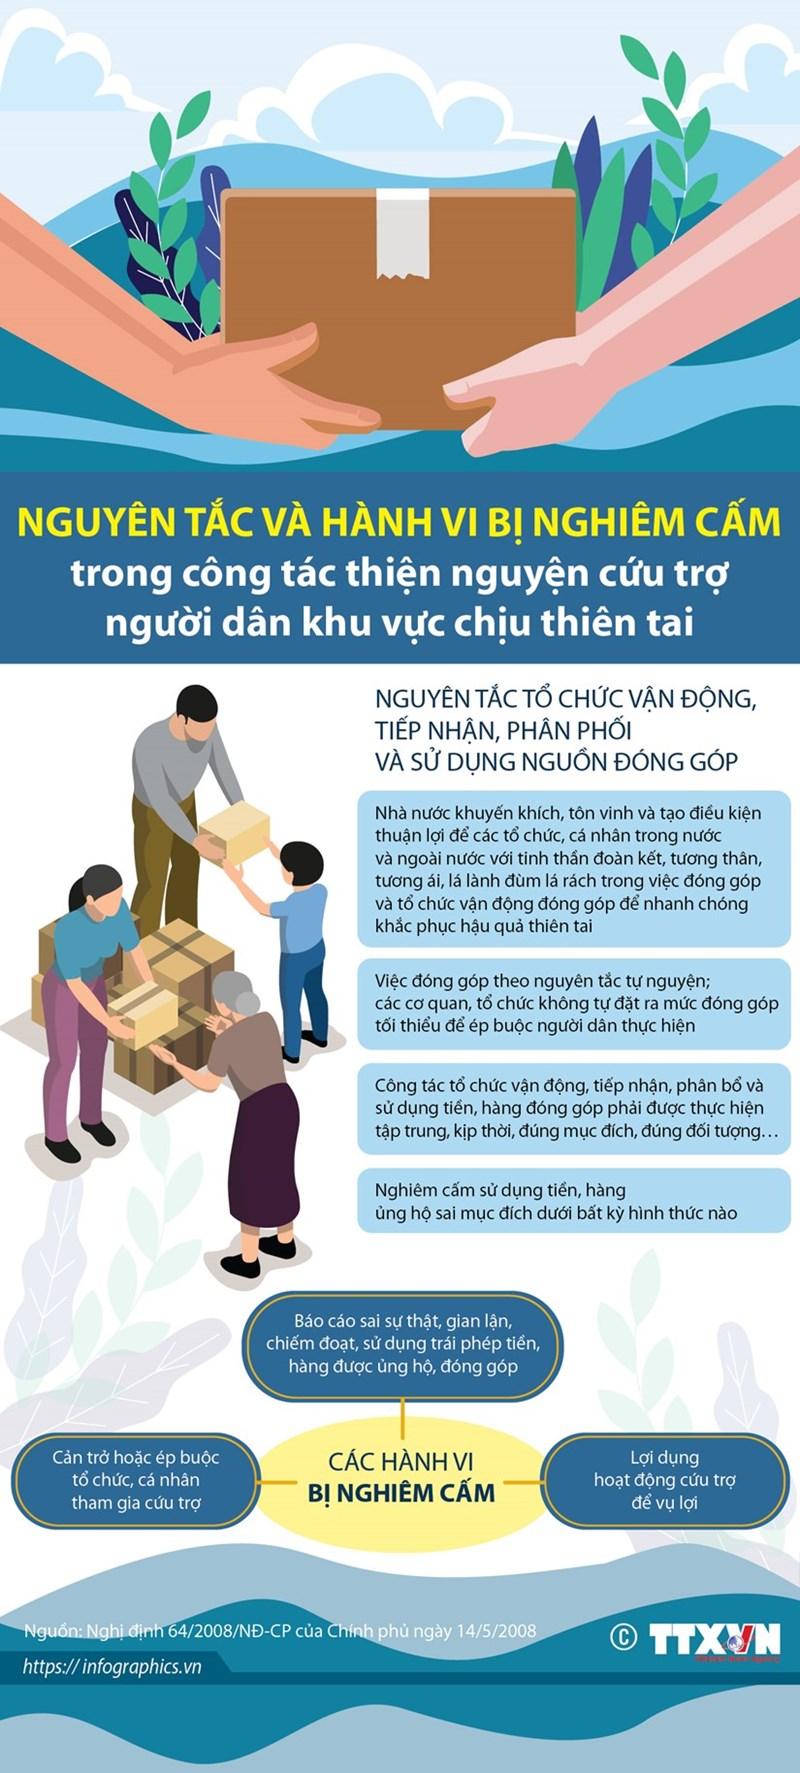 [Infographics] Nguyên tắc, hành vi nghiêm cấm trong công tác cứu trợ vùng thiên tai - Ảnh 1